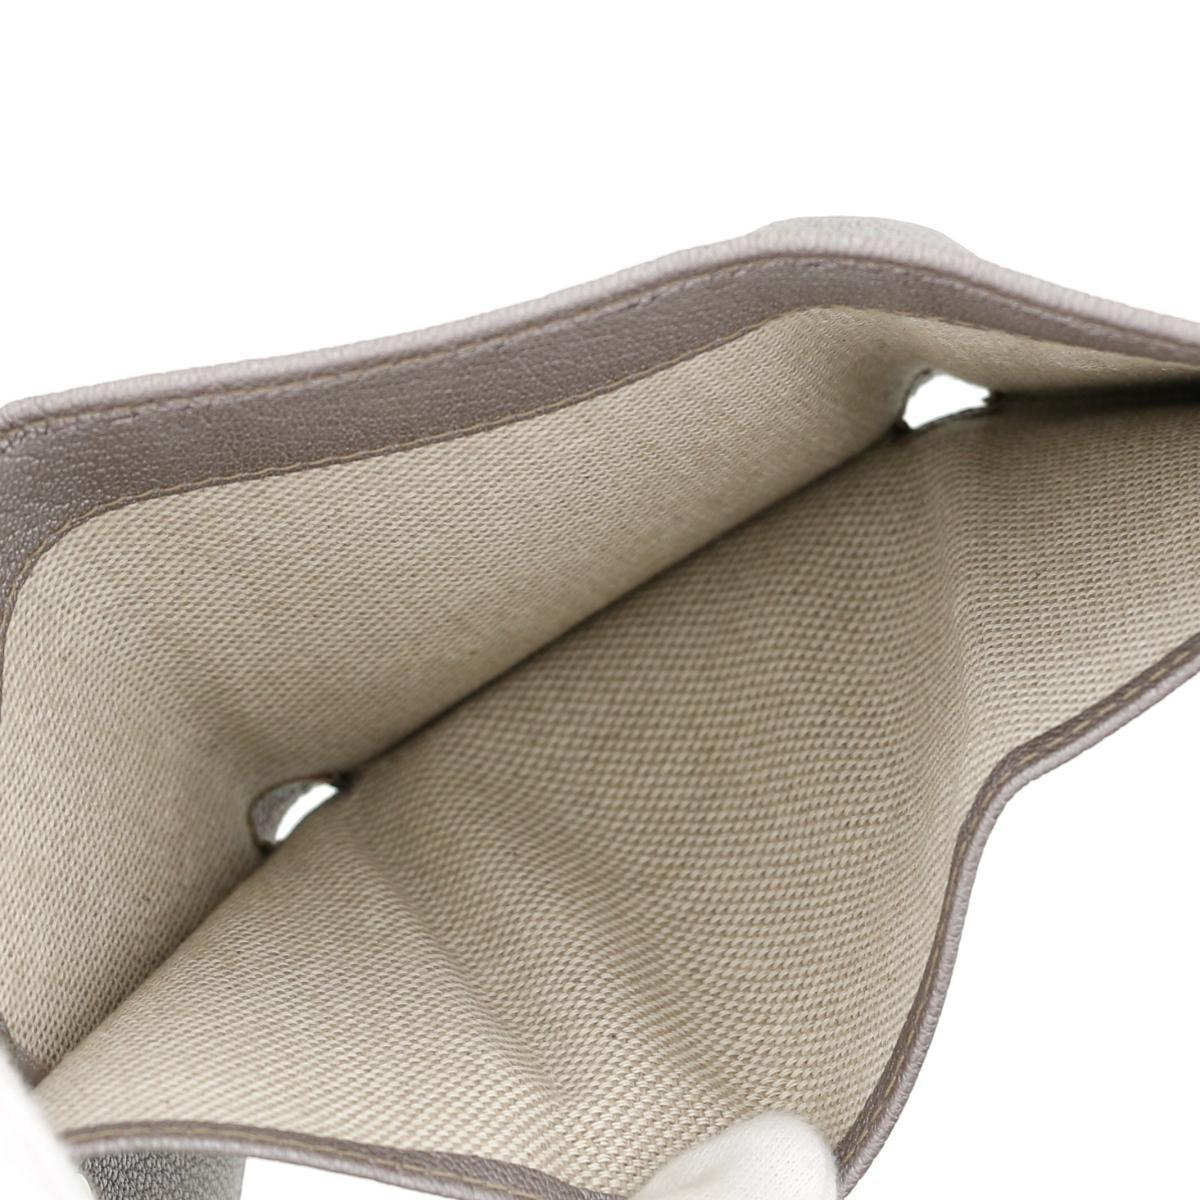 【お値下げ品】【即日発送・水曜定休日・木曜発送】【美品】【中古】【RI】JIMMY CHOO (ジミーチュー) 三つ折り コンパクトウォレット 財布 二つ折り財布(小銭入有) NEMO Gray/グレー